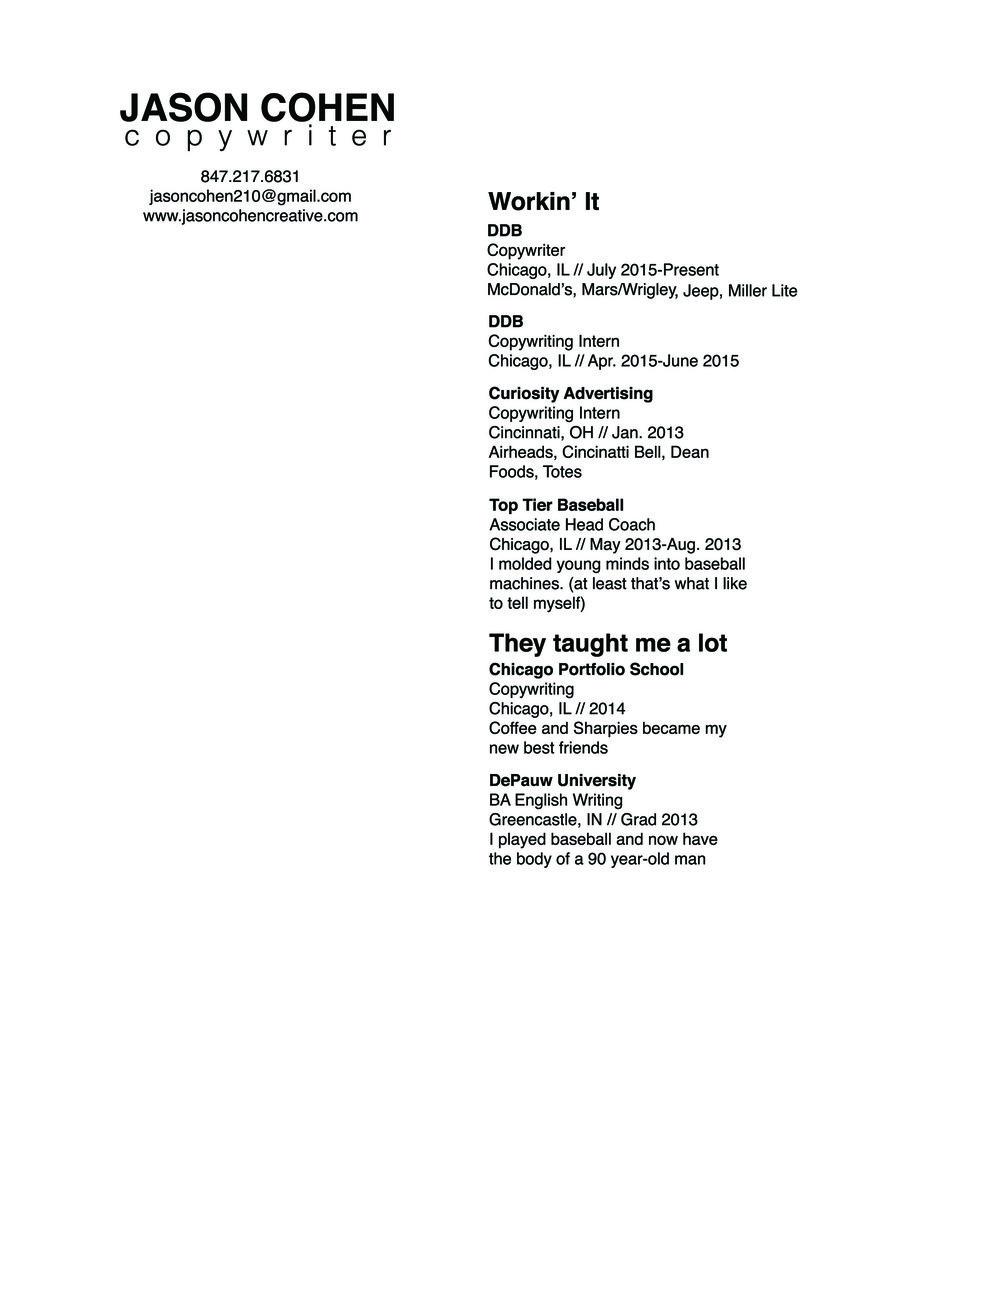 Resume2019_JasonCohen.jpg